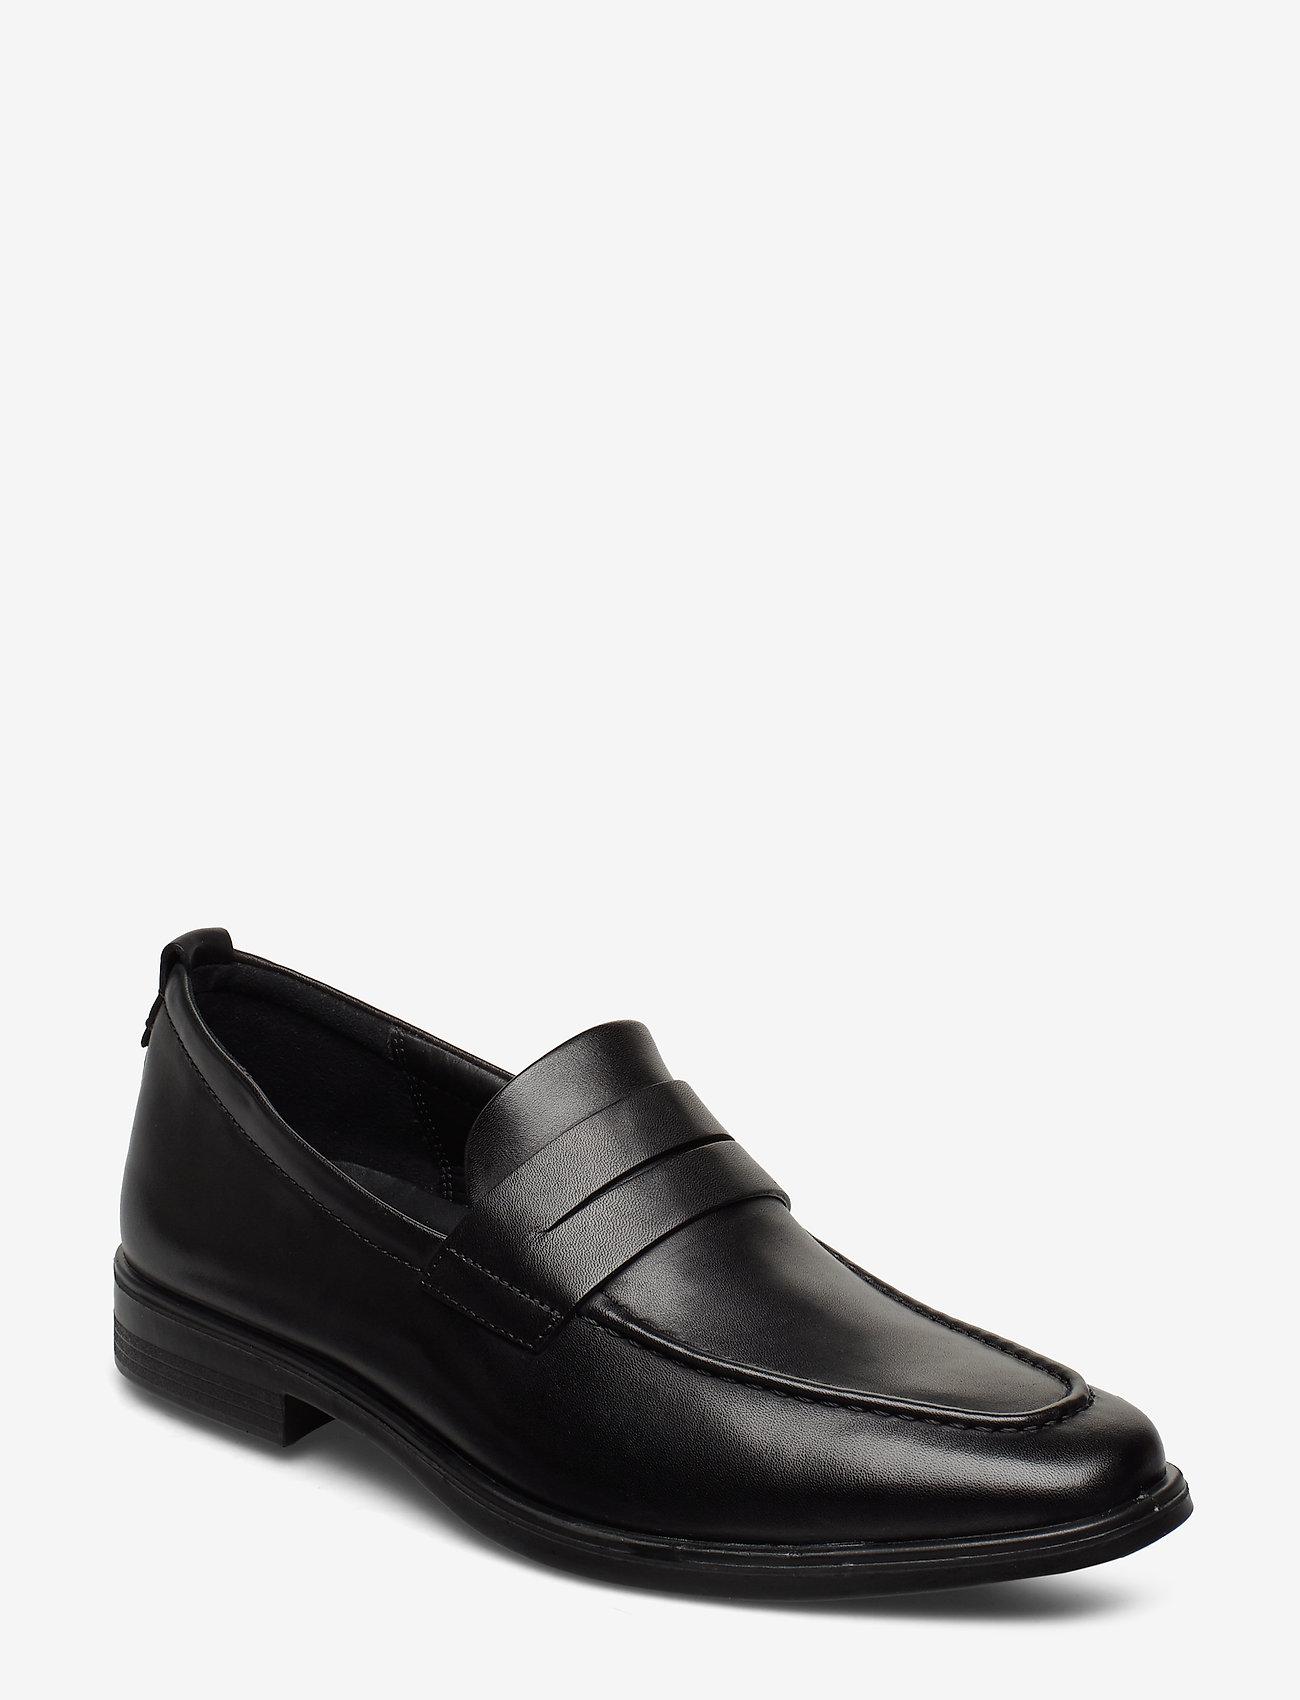 ECCO - MELBOURNE - loafers - black - 0